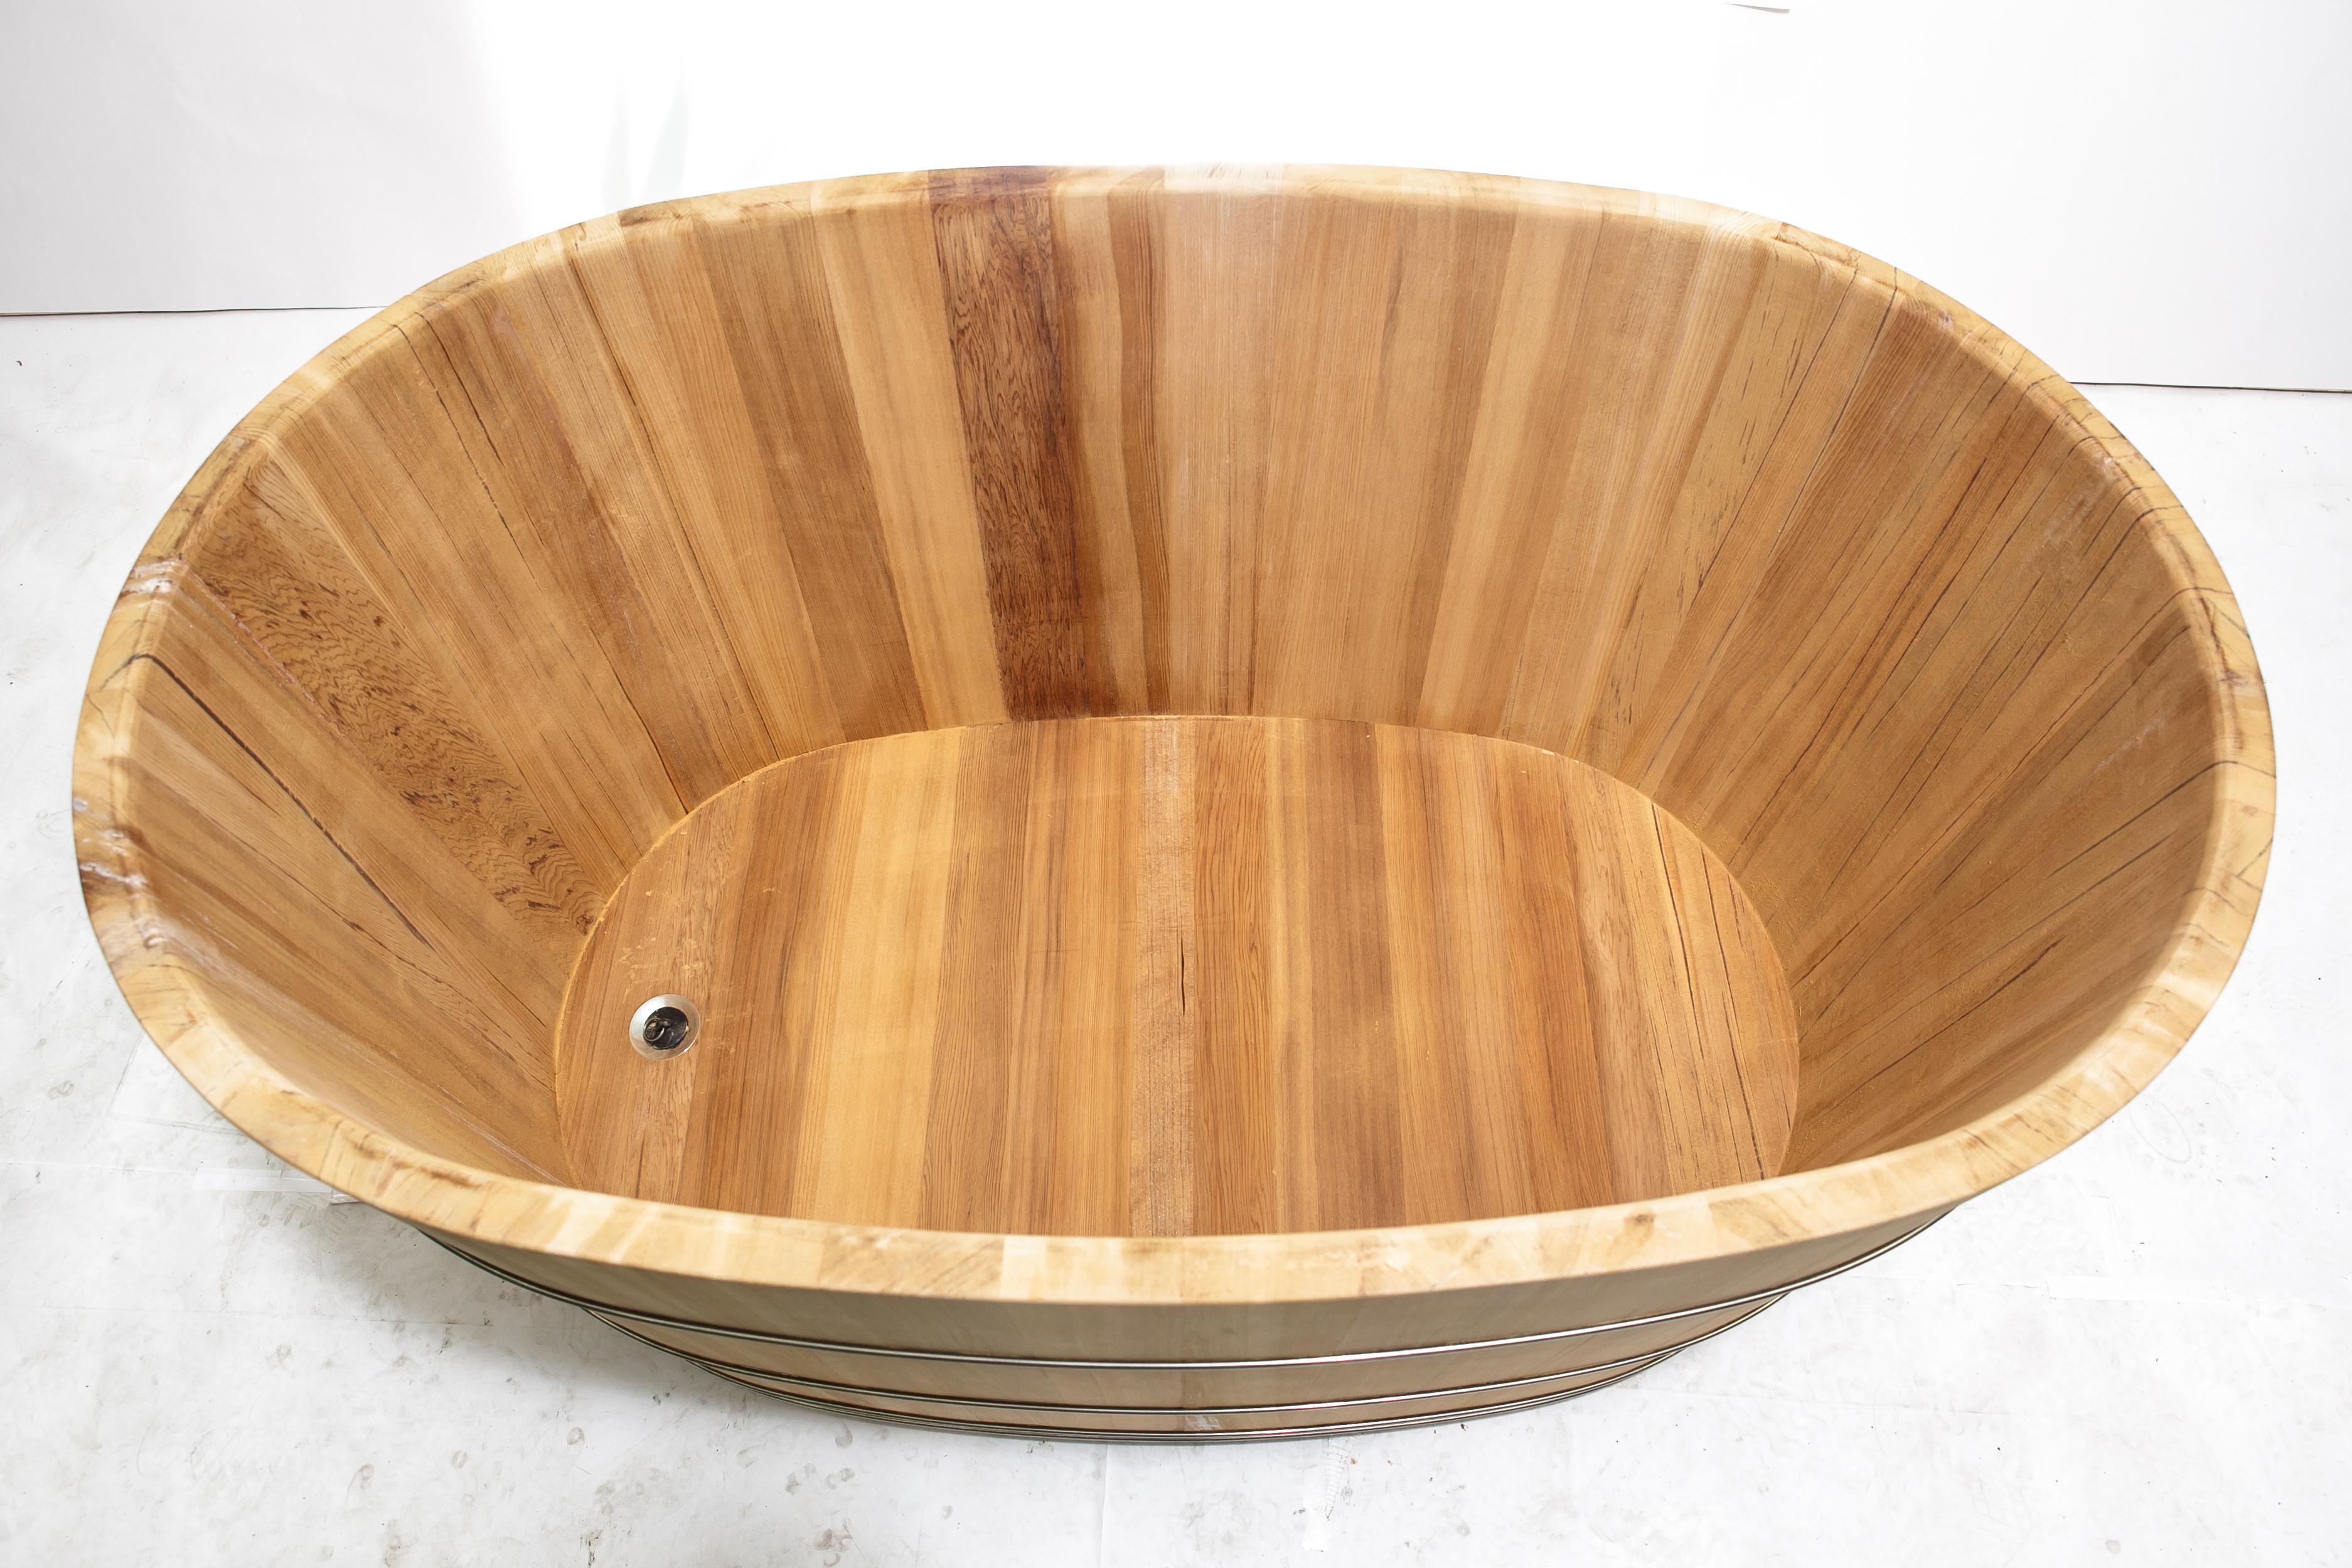 泡澡幫助血液循環 檜木檜木桶 泡澡桶126公分長(兩人份尺寸) )台灣第一領導品牌-雅典木桶 木浴缸、方形木桶、泡腳桶、蒸腳桶、蒸氣烤箱